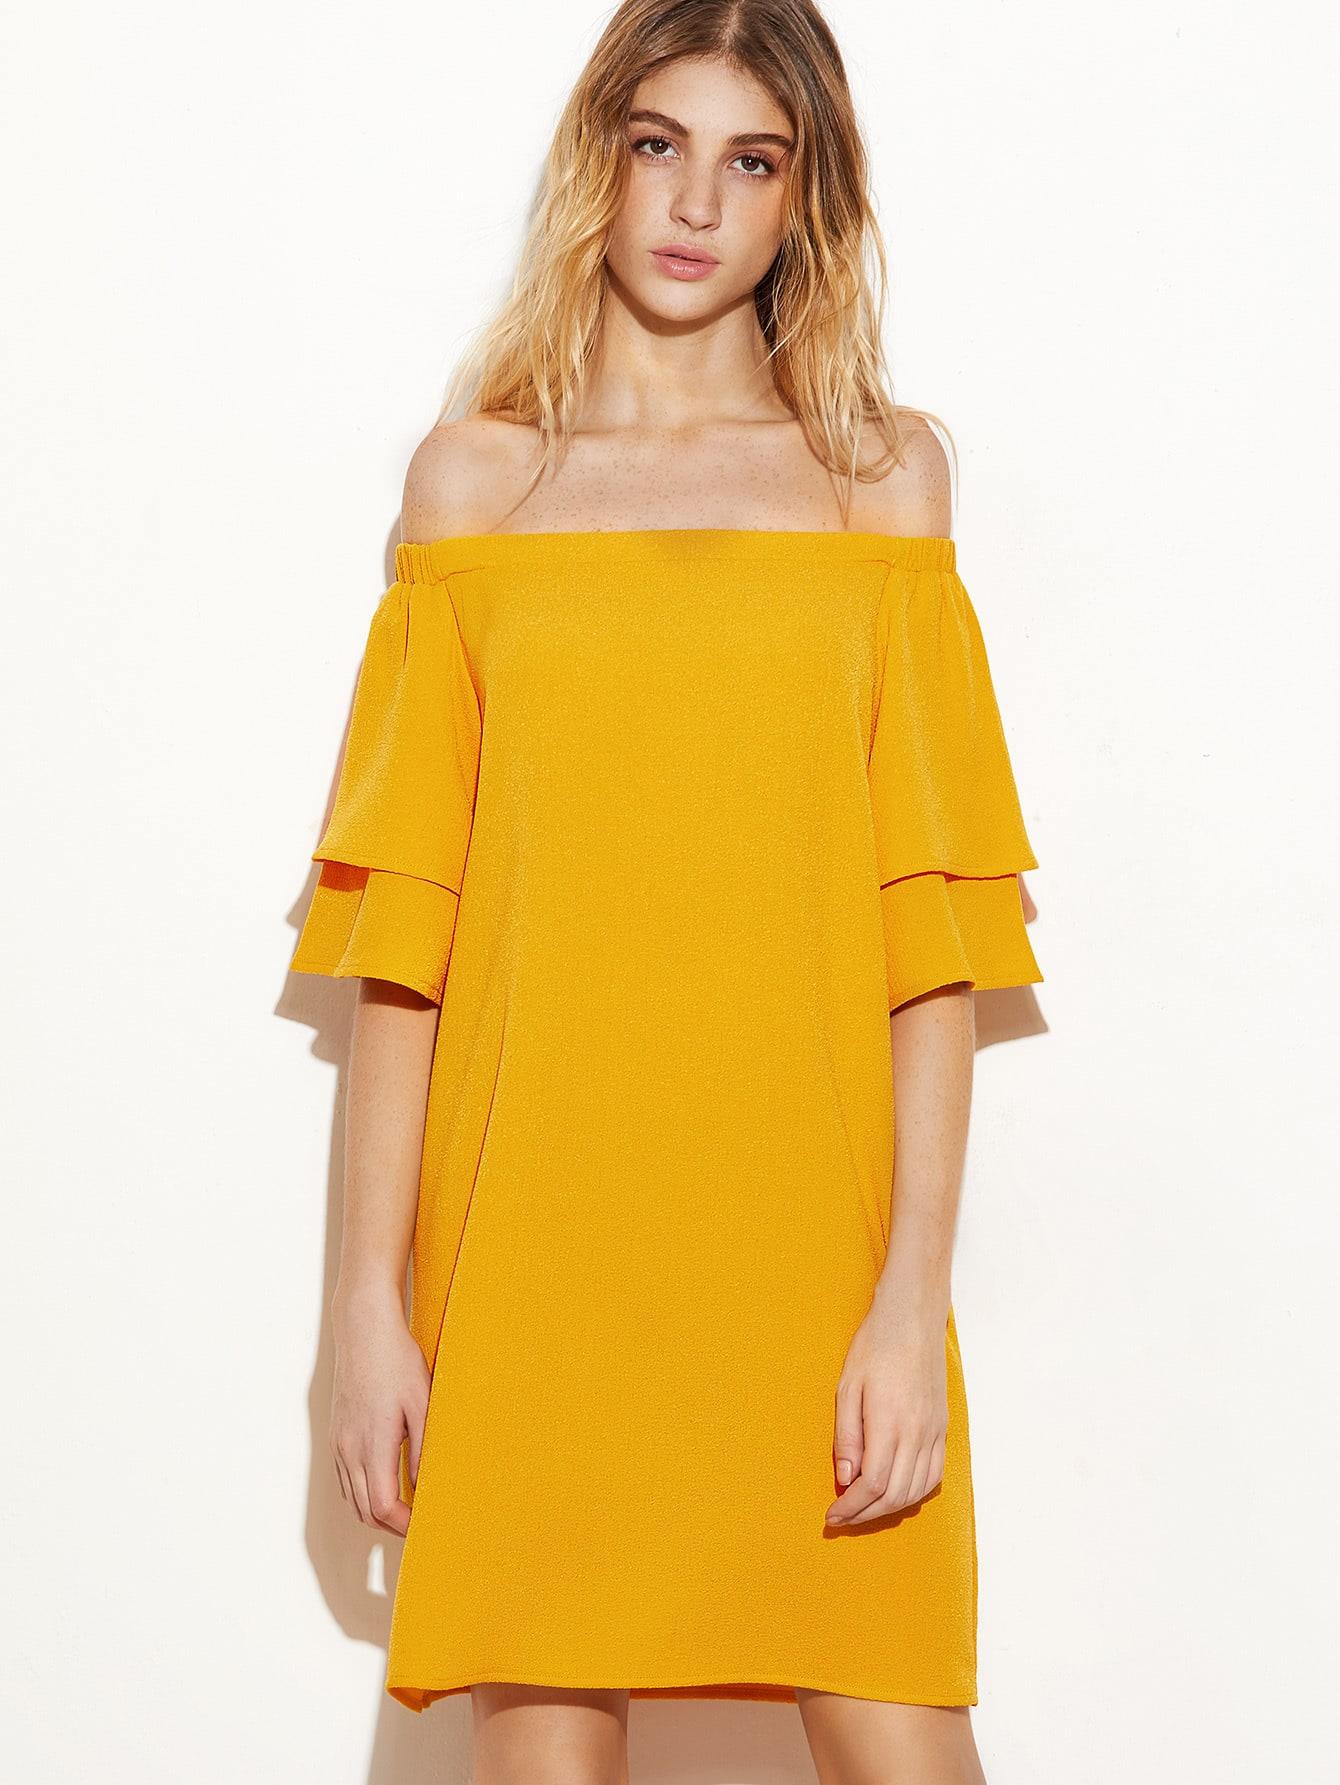 Фото Layered Sleeve Bardot Neckline Dress. Купить с доставкой